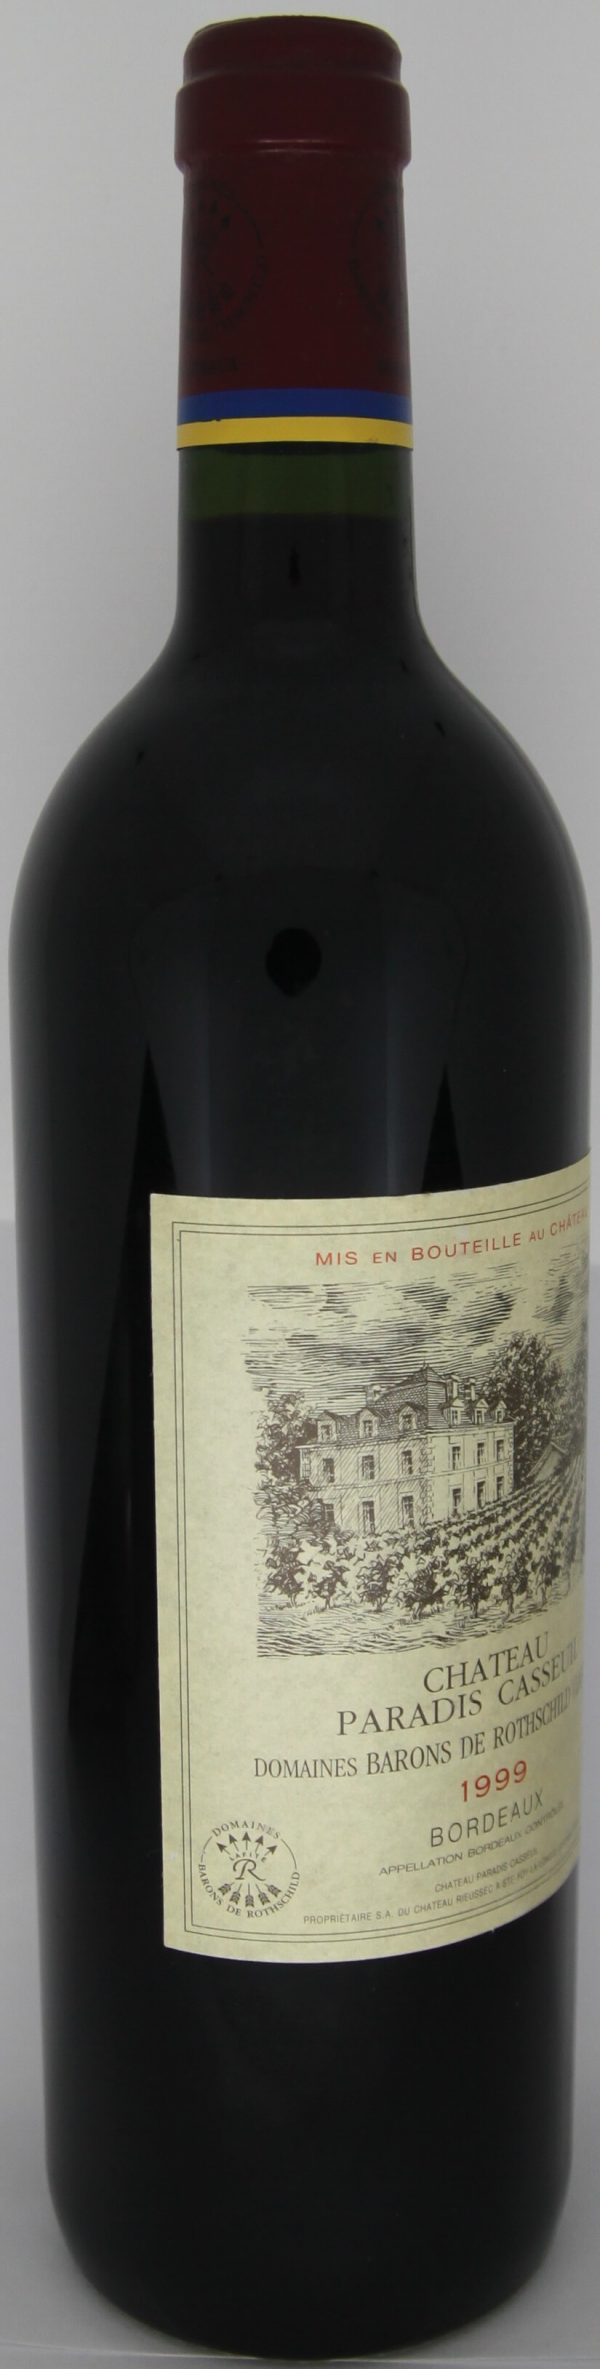 Lafite Rothschild Chateau Paradis Casseuil Bordeaux